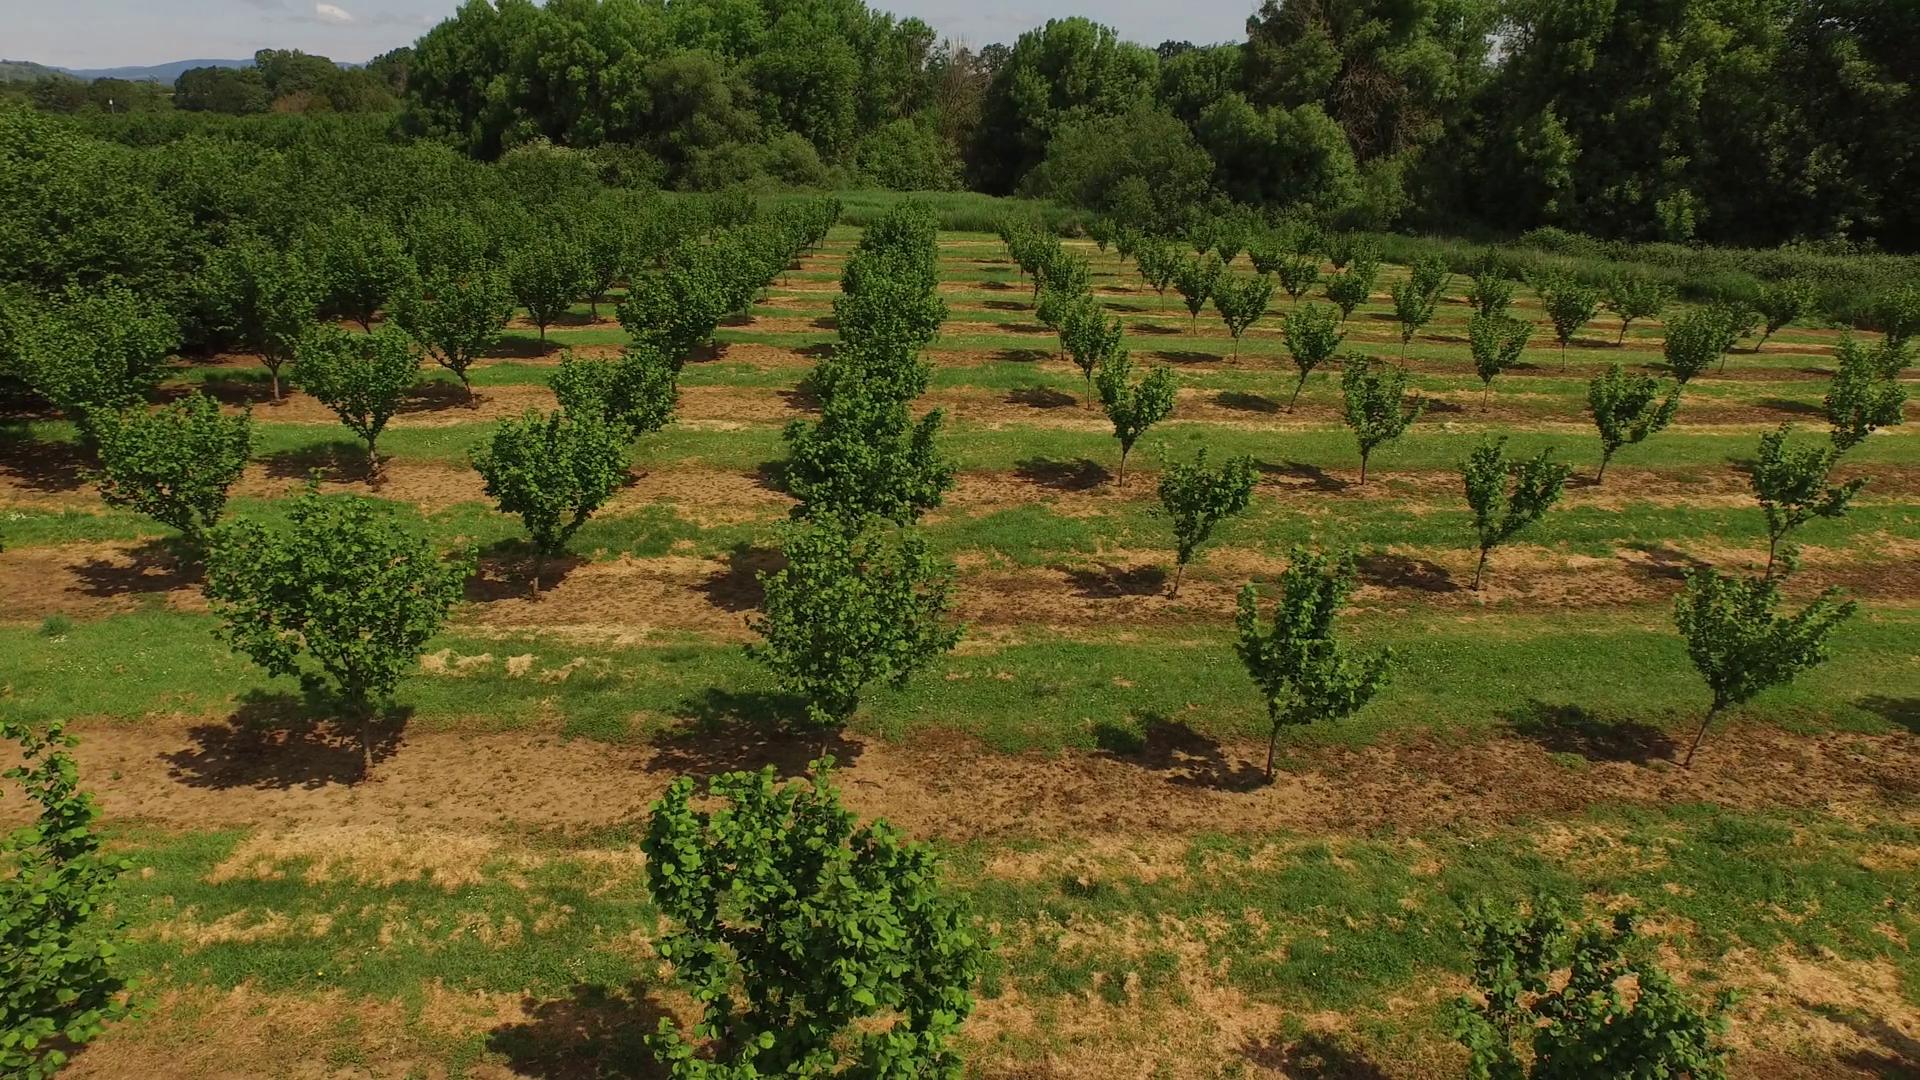 como plantar avelã orgânica : plantação de avelã